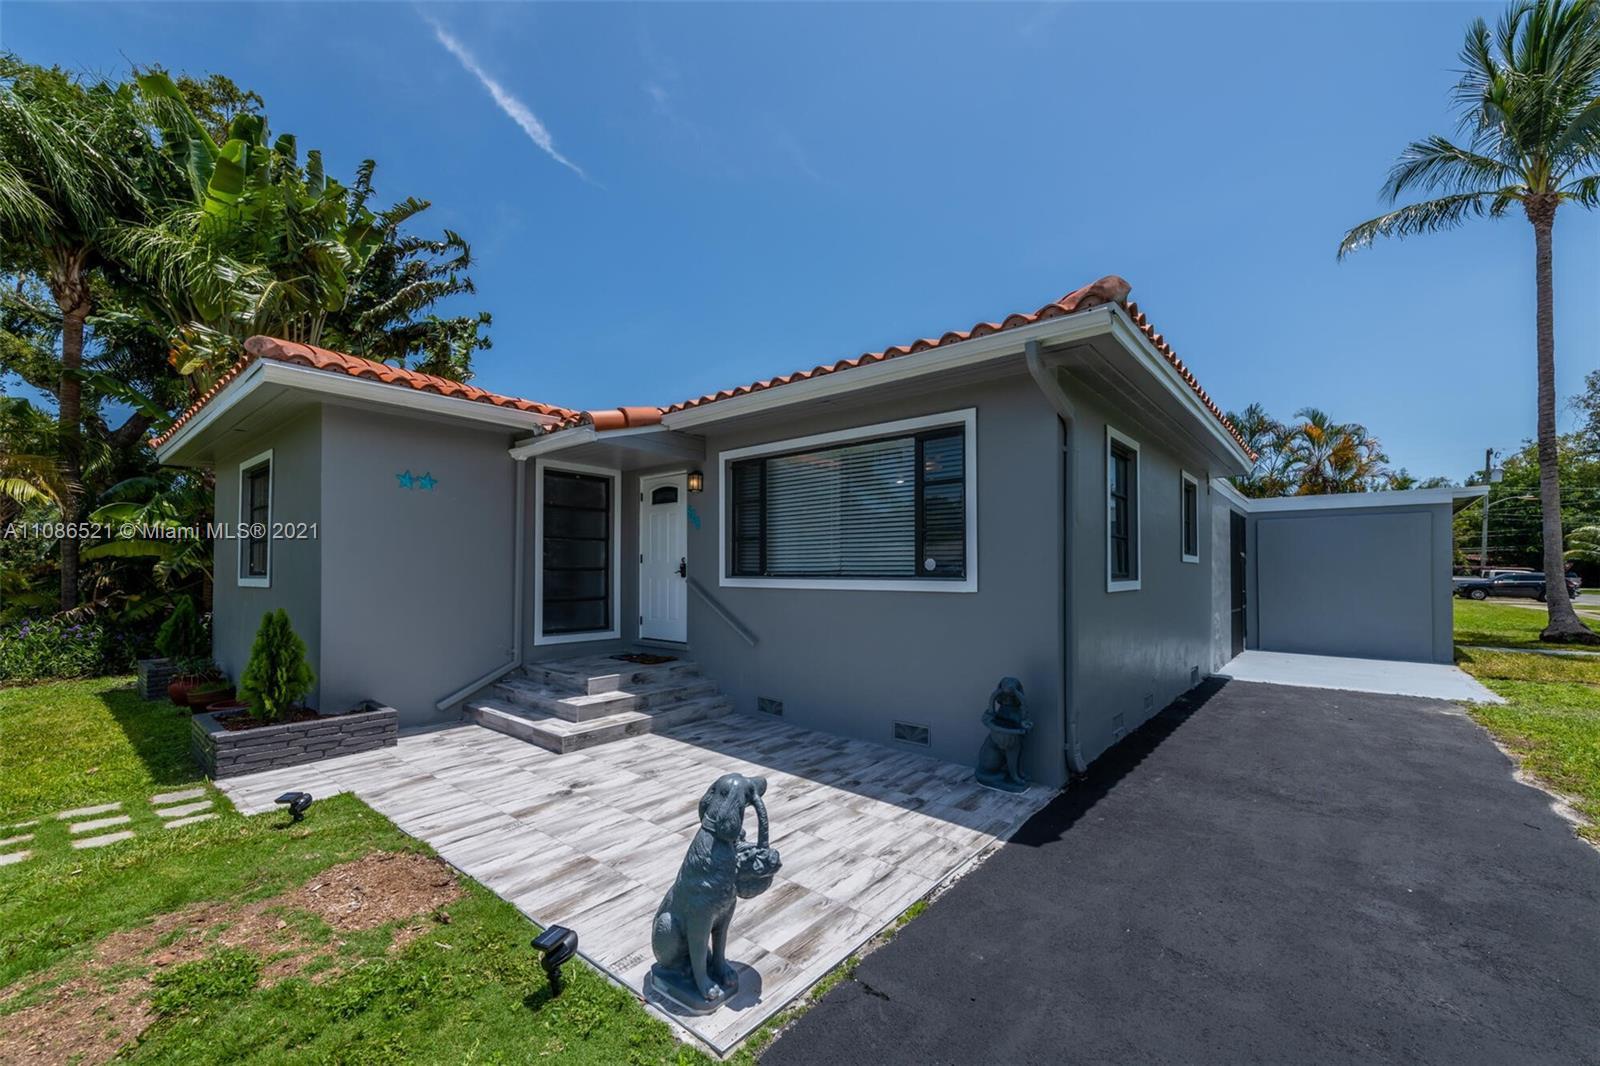 529 8th St, Dania Beach, Florida 33004